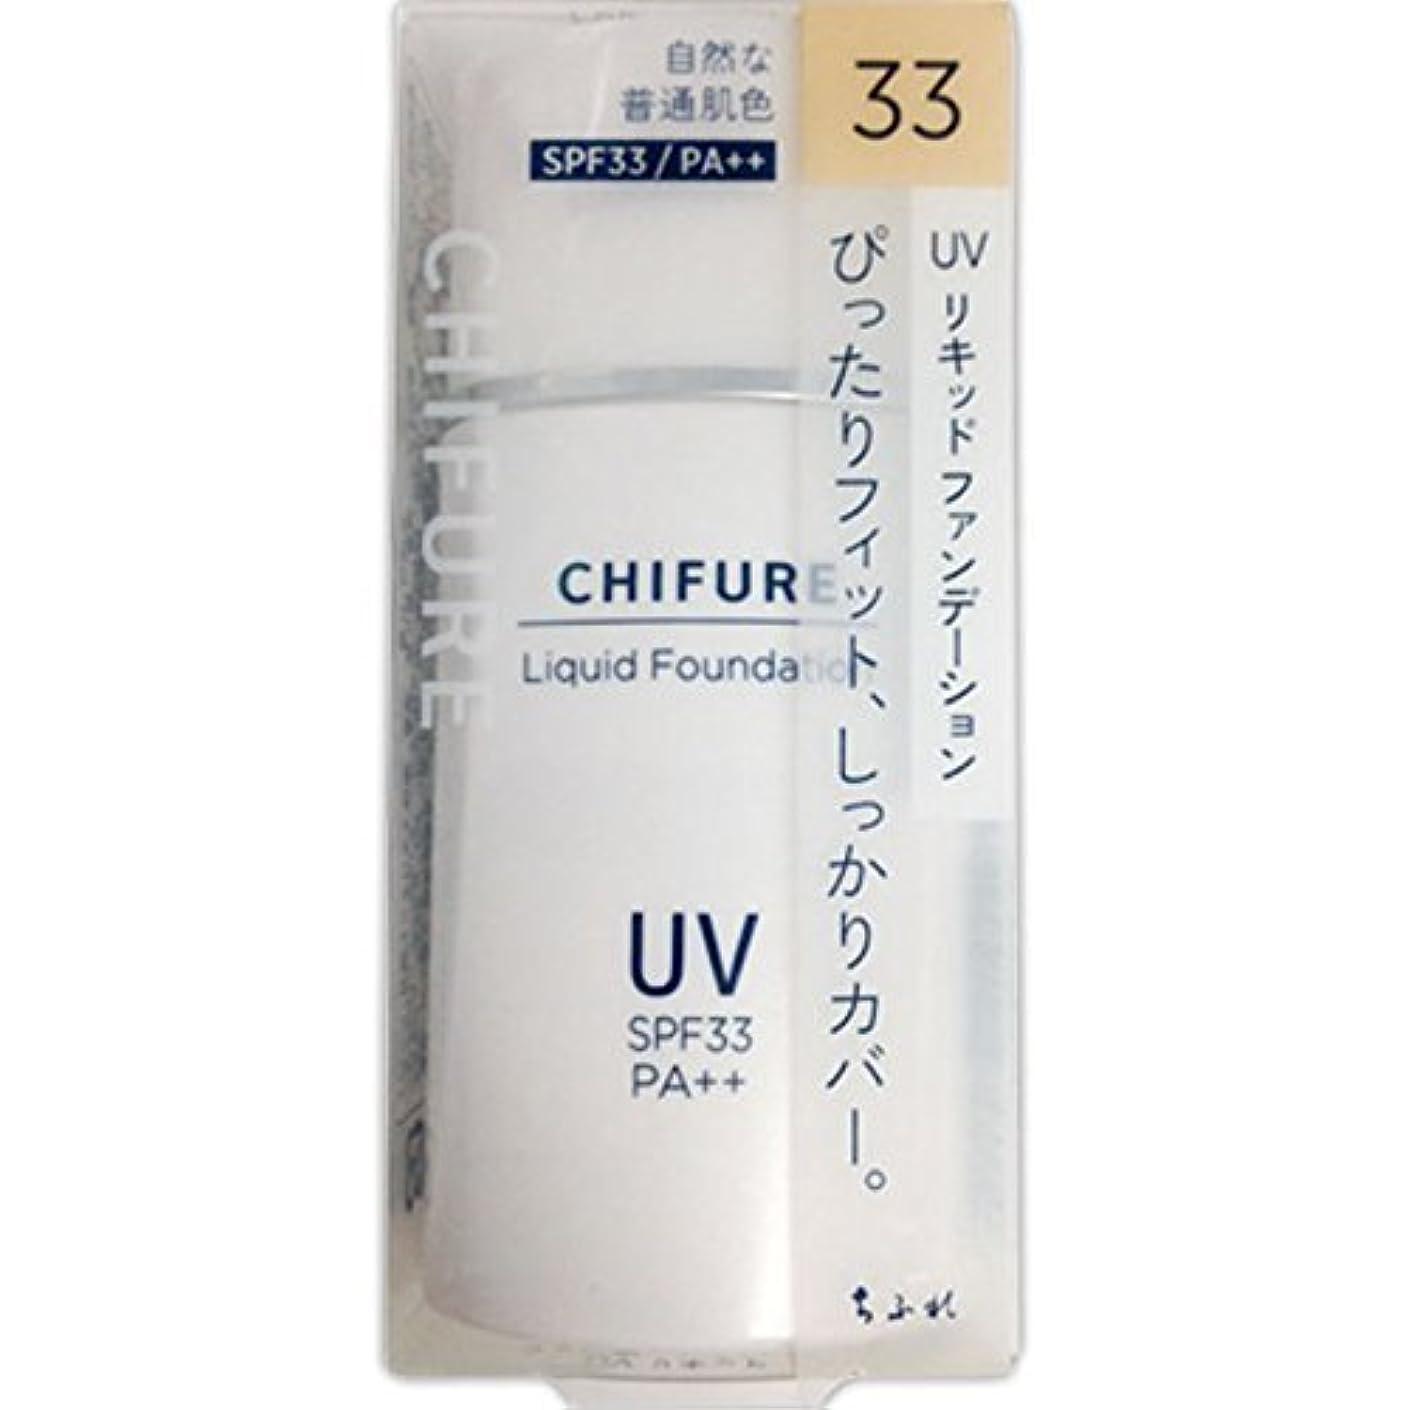 統計的ジョットディボンドン陰謀ちふれ化粧品 UV リキッド ファンデーション 33 自然な普通肌色 30ML